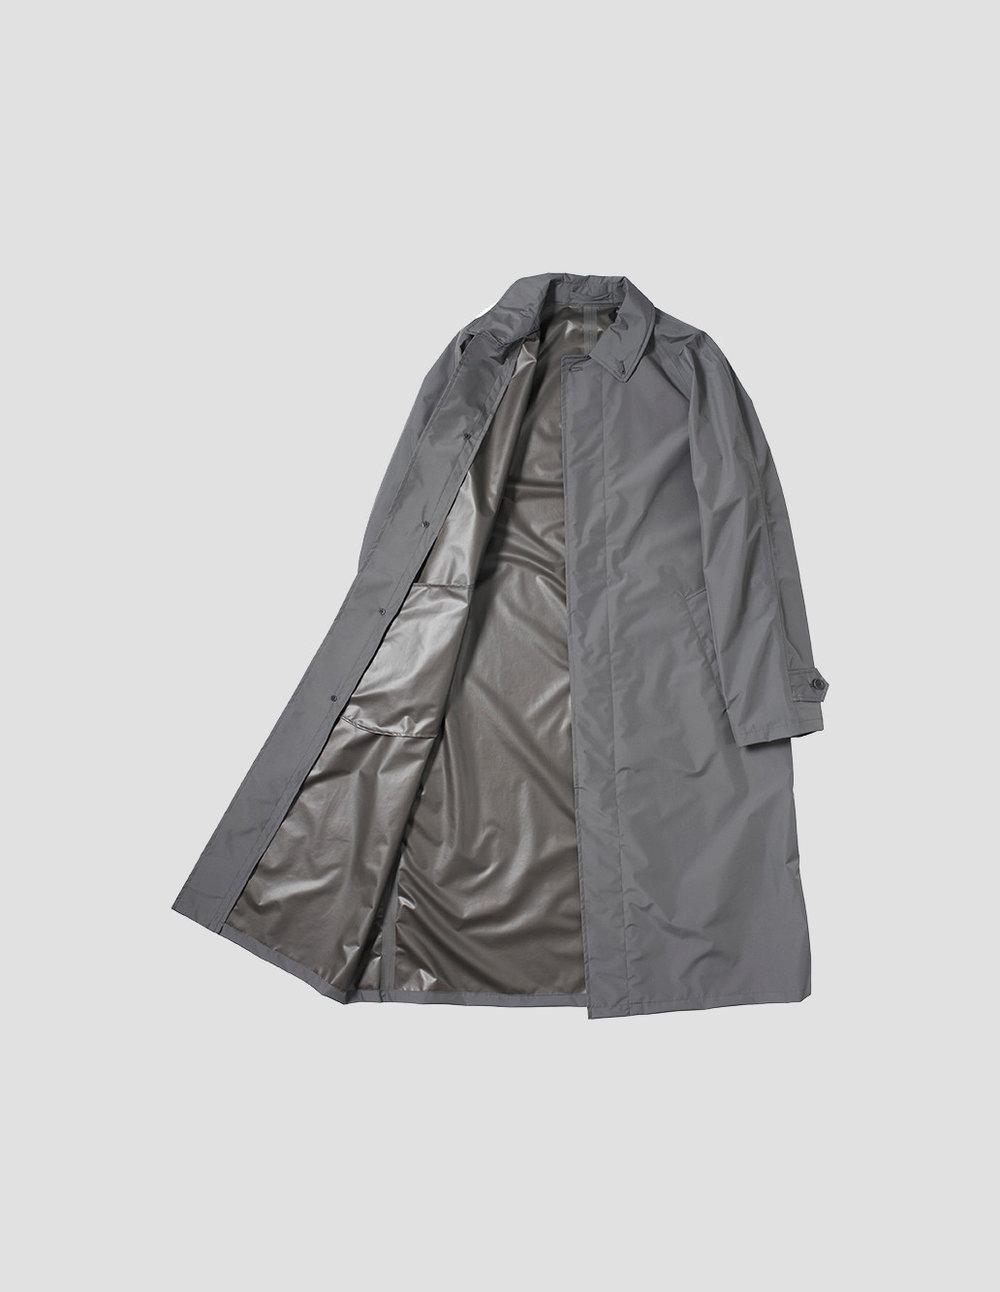 margaret-howell-men-ss17-pac-a-mac-superlight-gore-tex-charcoal-inside.jpg